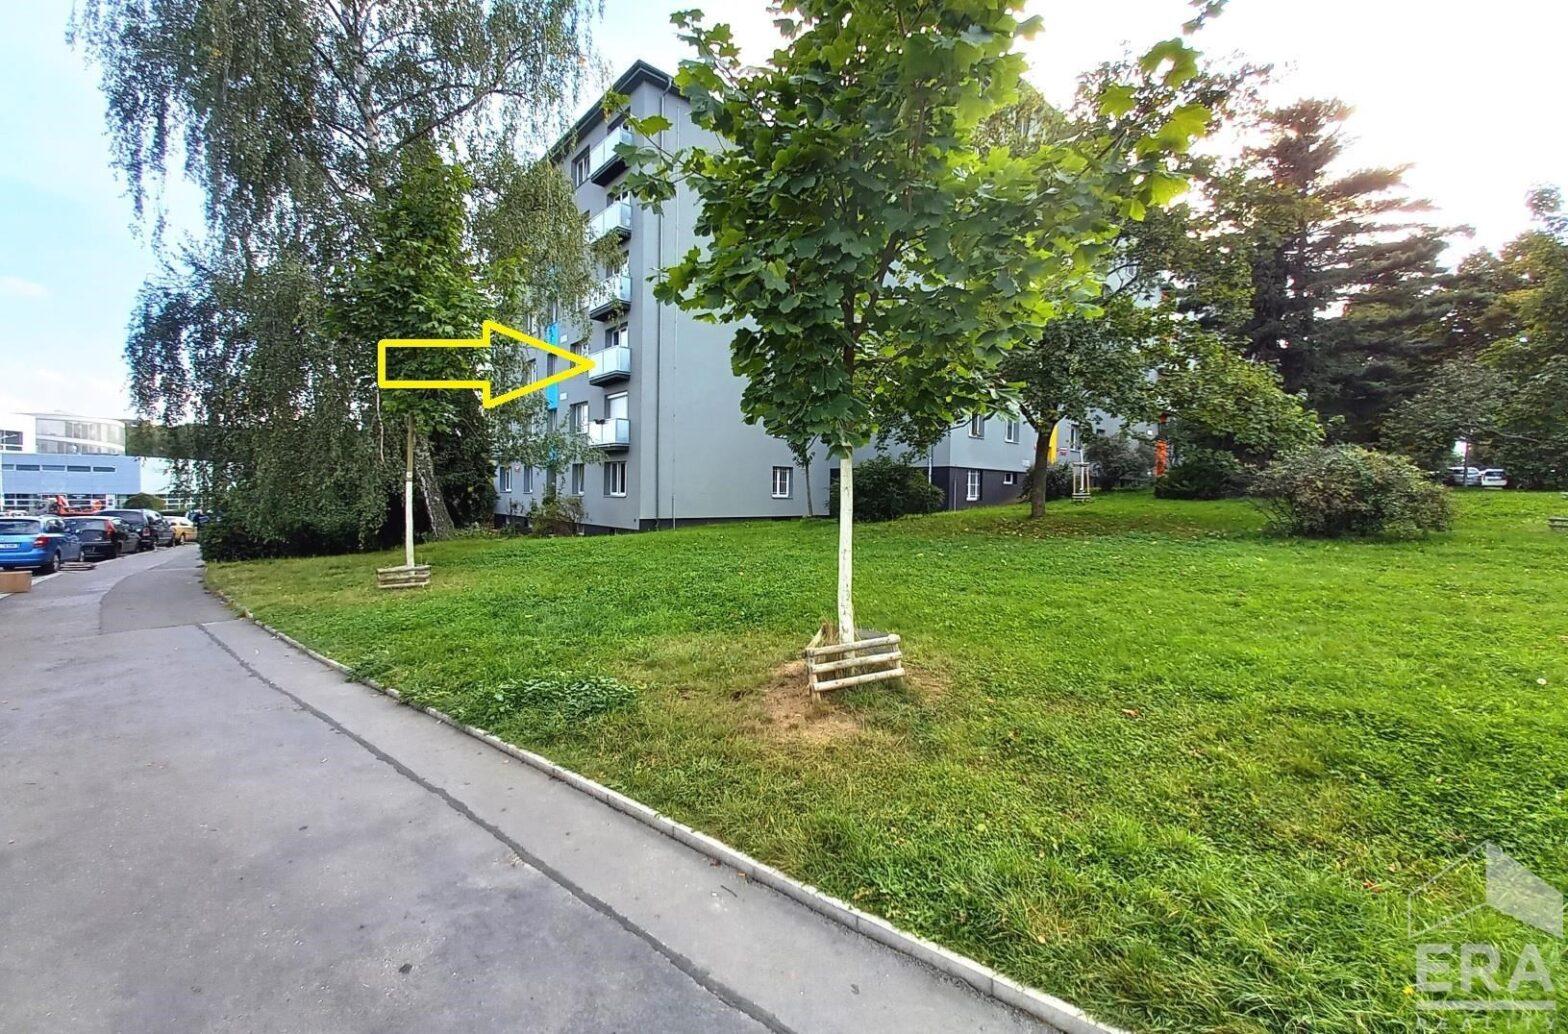 Pronájem útulného bytu 3+kk+B, 65 m², Praha 3, Žižkov,  Osiková ul., 150m od konečné TRAM 1,5,9,a 11.